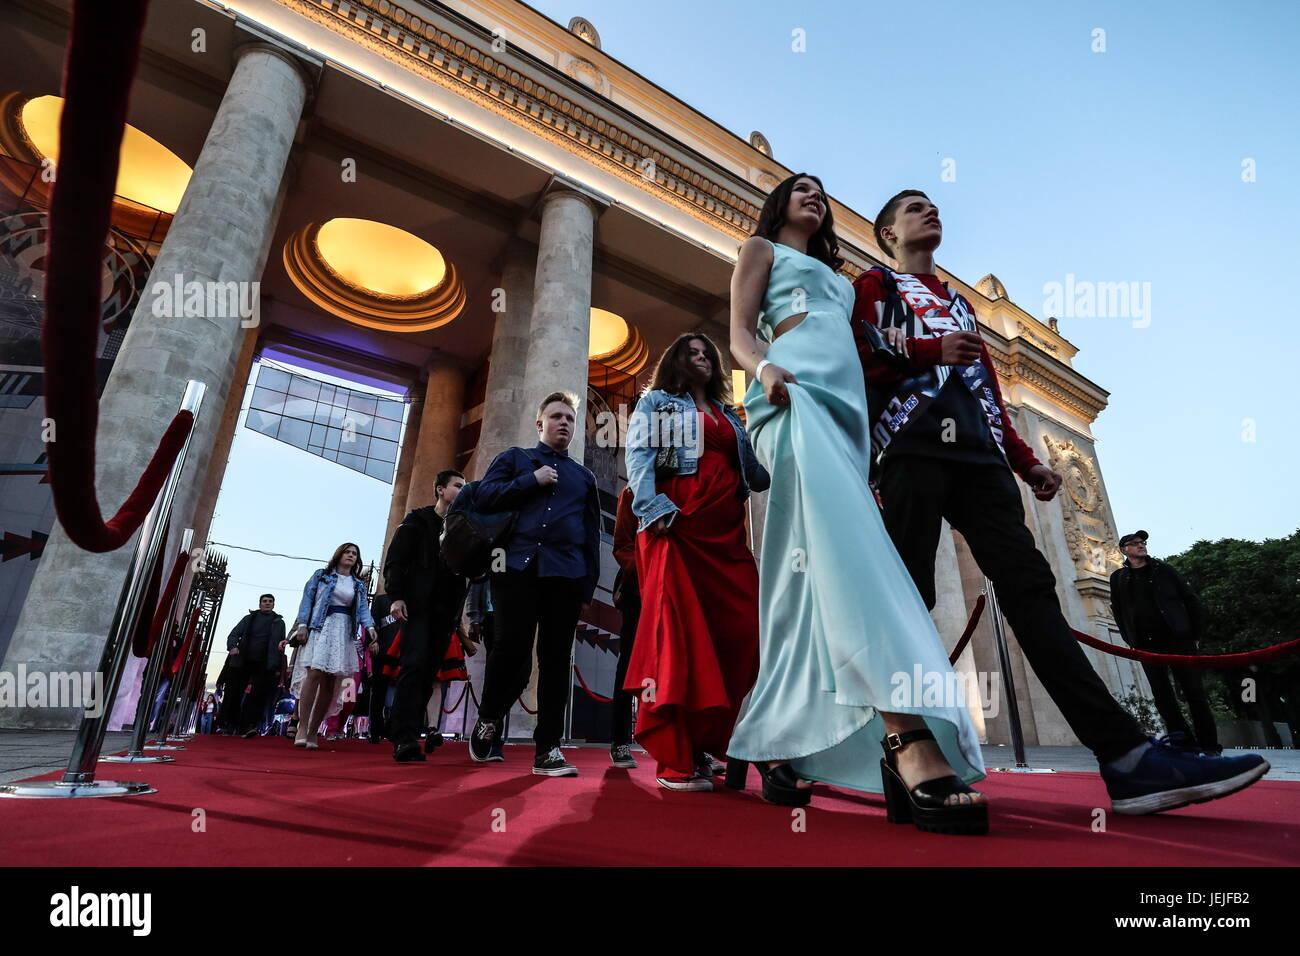 Moscou, Russie. 23 Juin, 2017. L'école à pied dans le Parc Gorki de Moscou pour célébrer Photo Stock